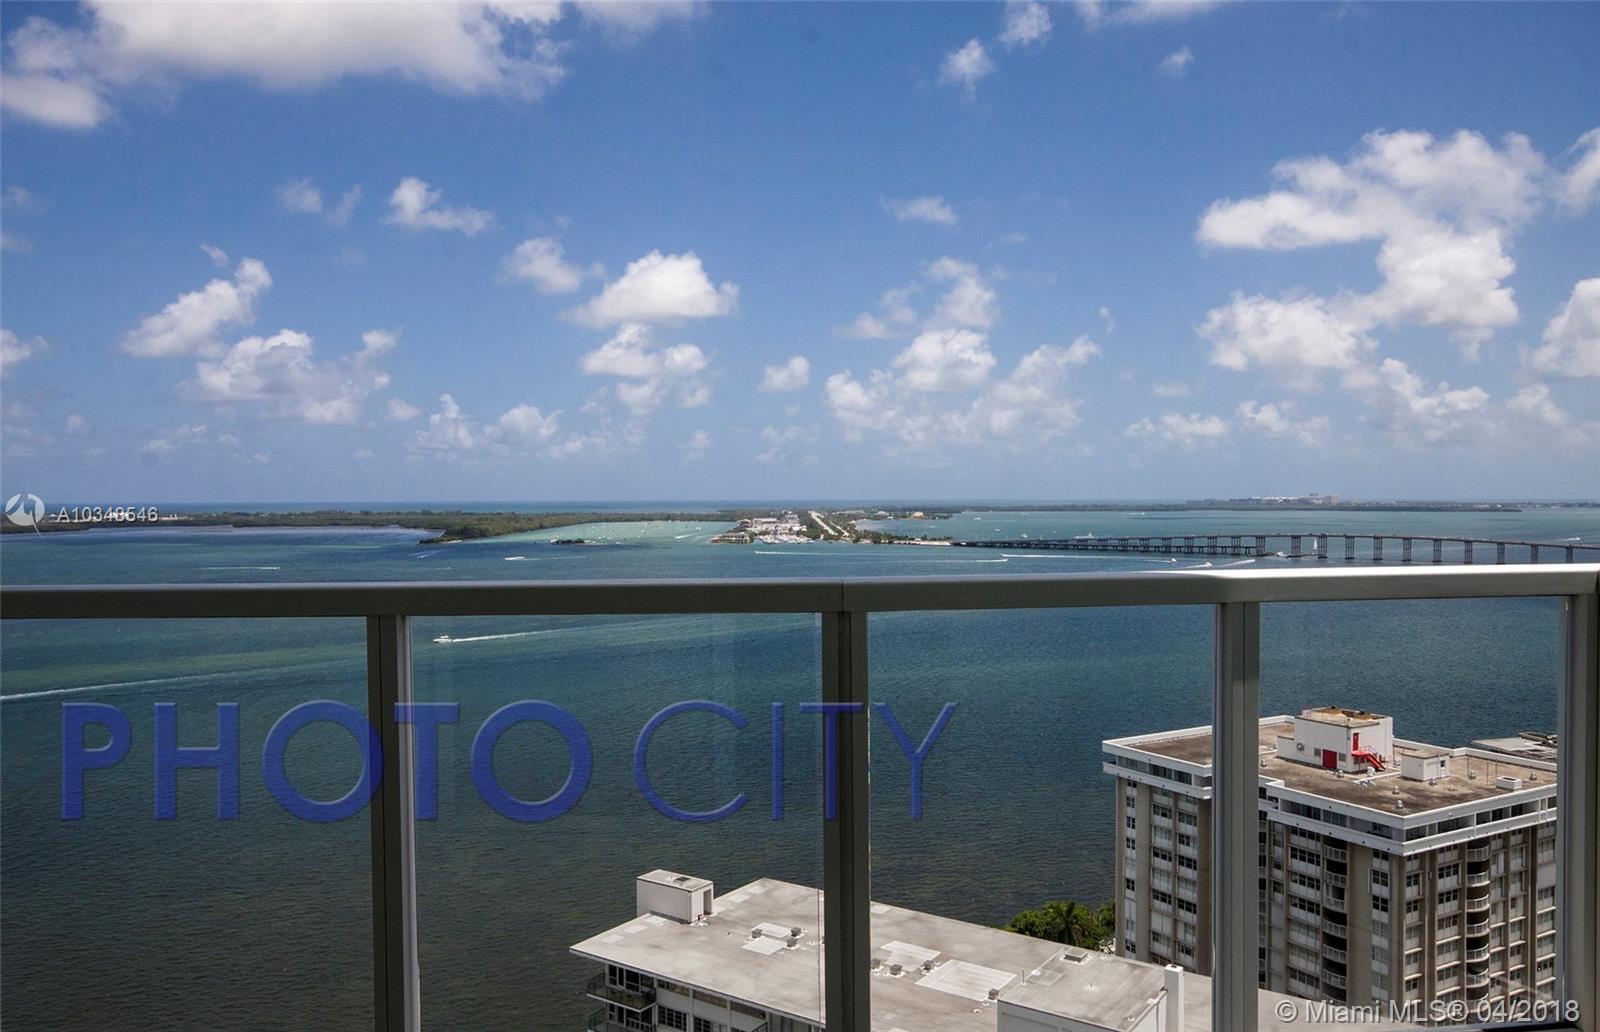 218 SE 14th St, Miami, Fl 33131, Emerald at Brickell #TS101, Brickell, Miami A10348546 image #10